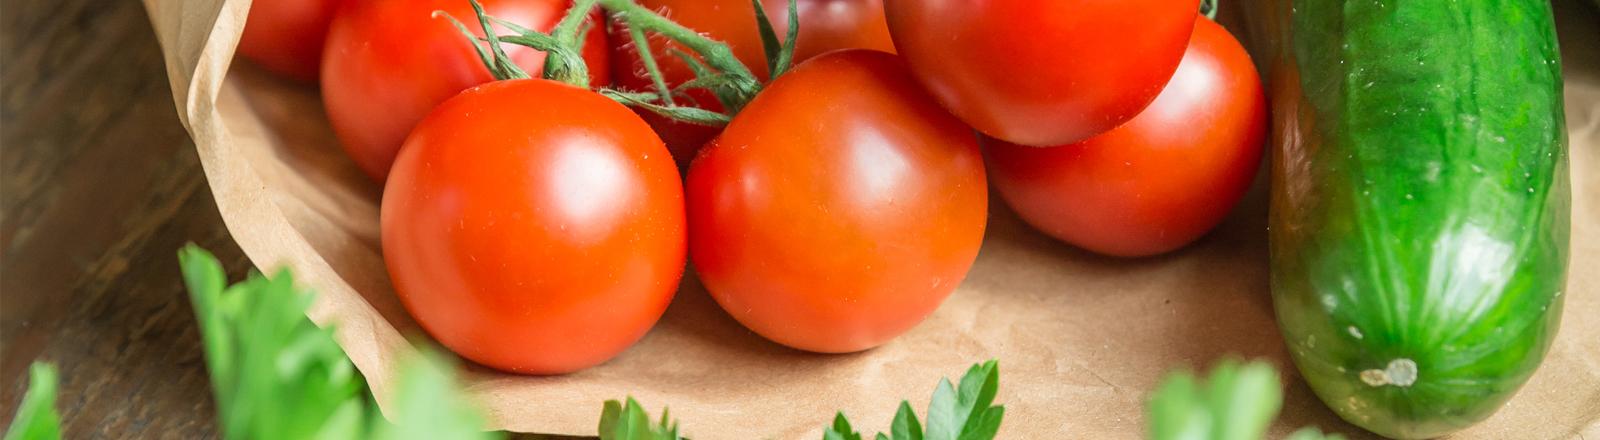 Tomaten und Gurken in einer Papiertüte